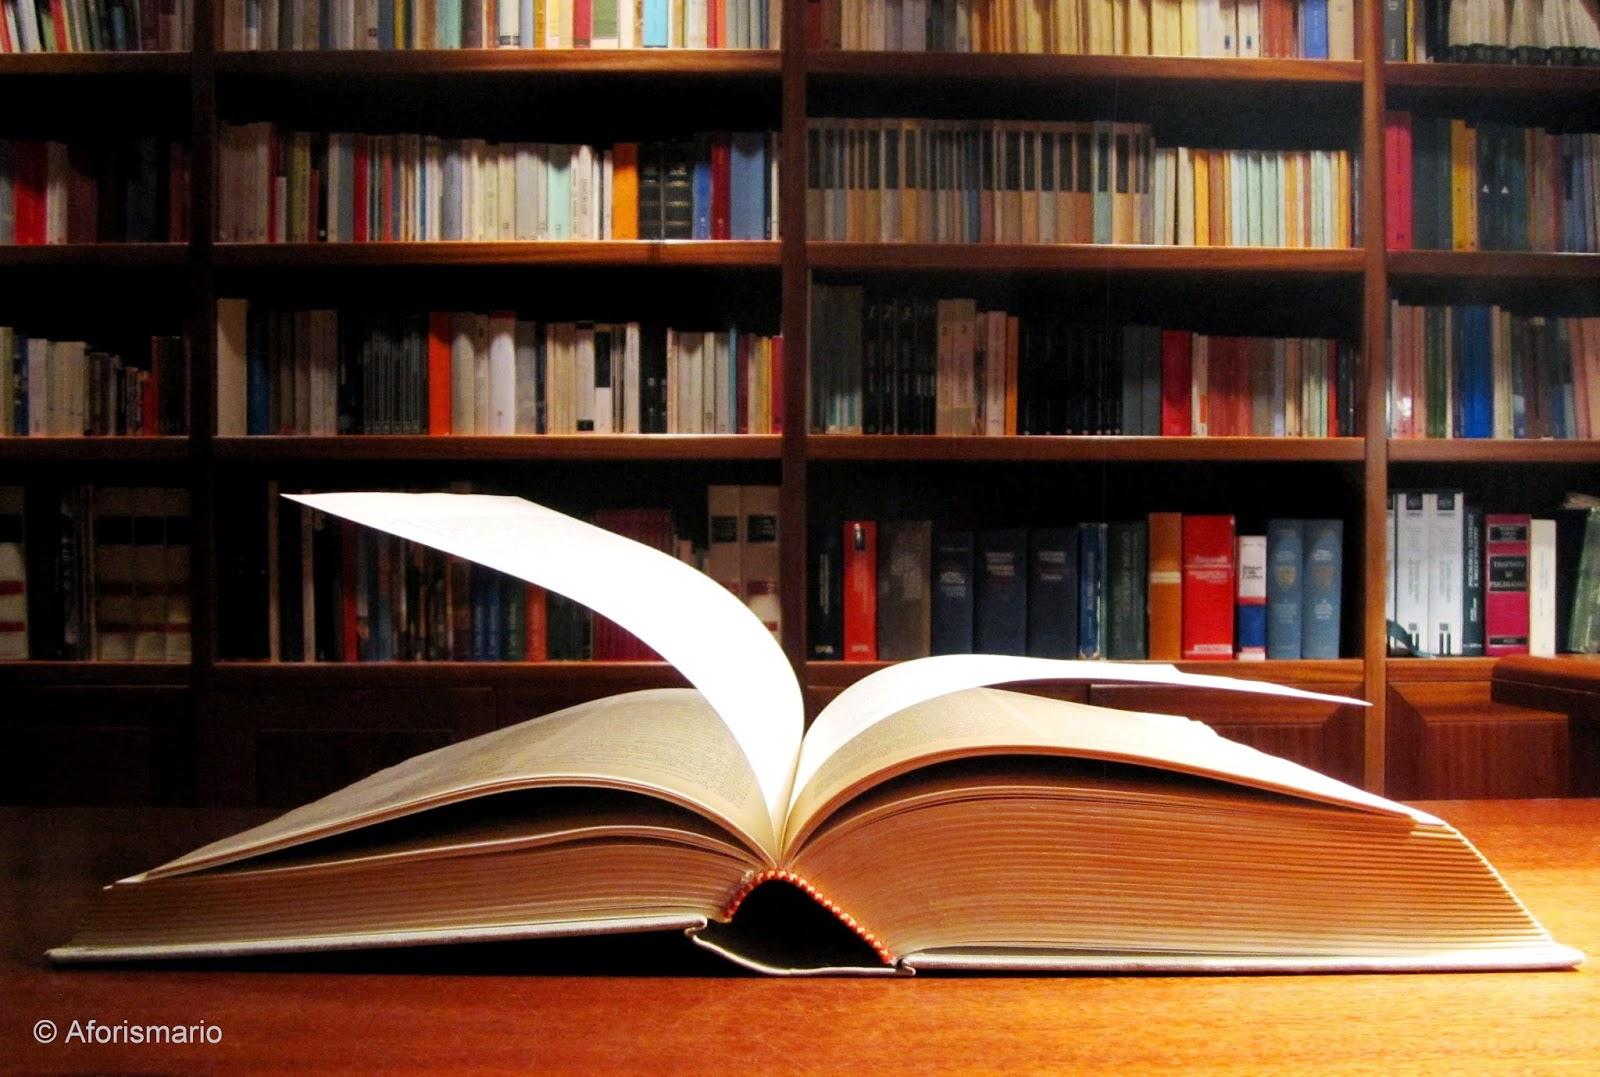 Poesie e Citazioni Citazioni da Il Ritratto di Dorian Grey di  - frasi famose del libro dorian gray